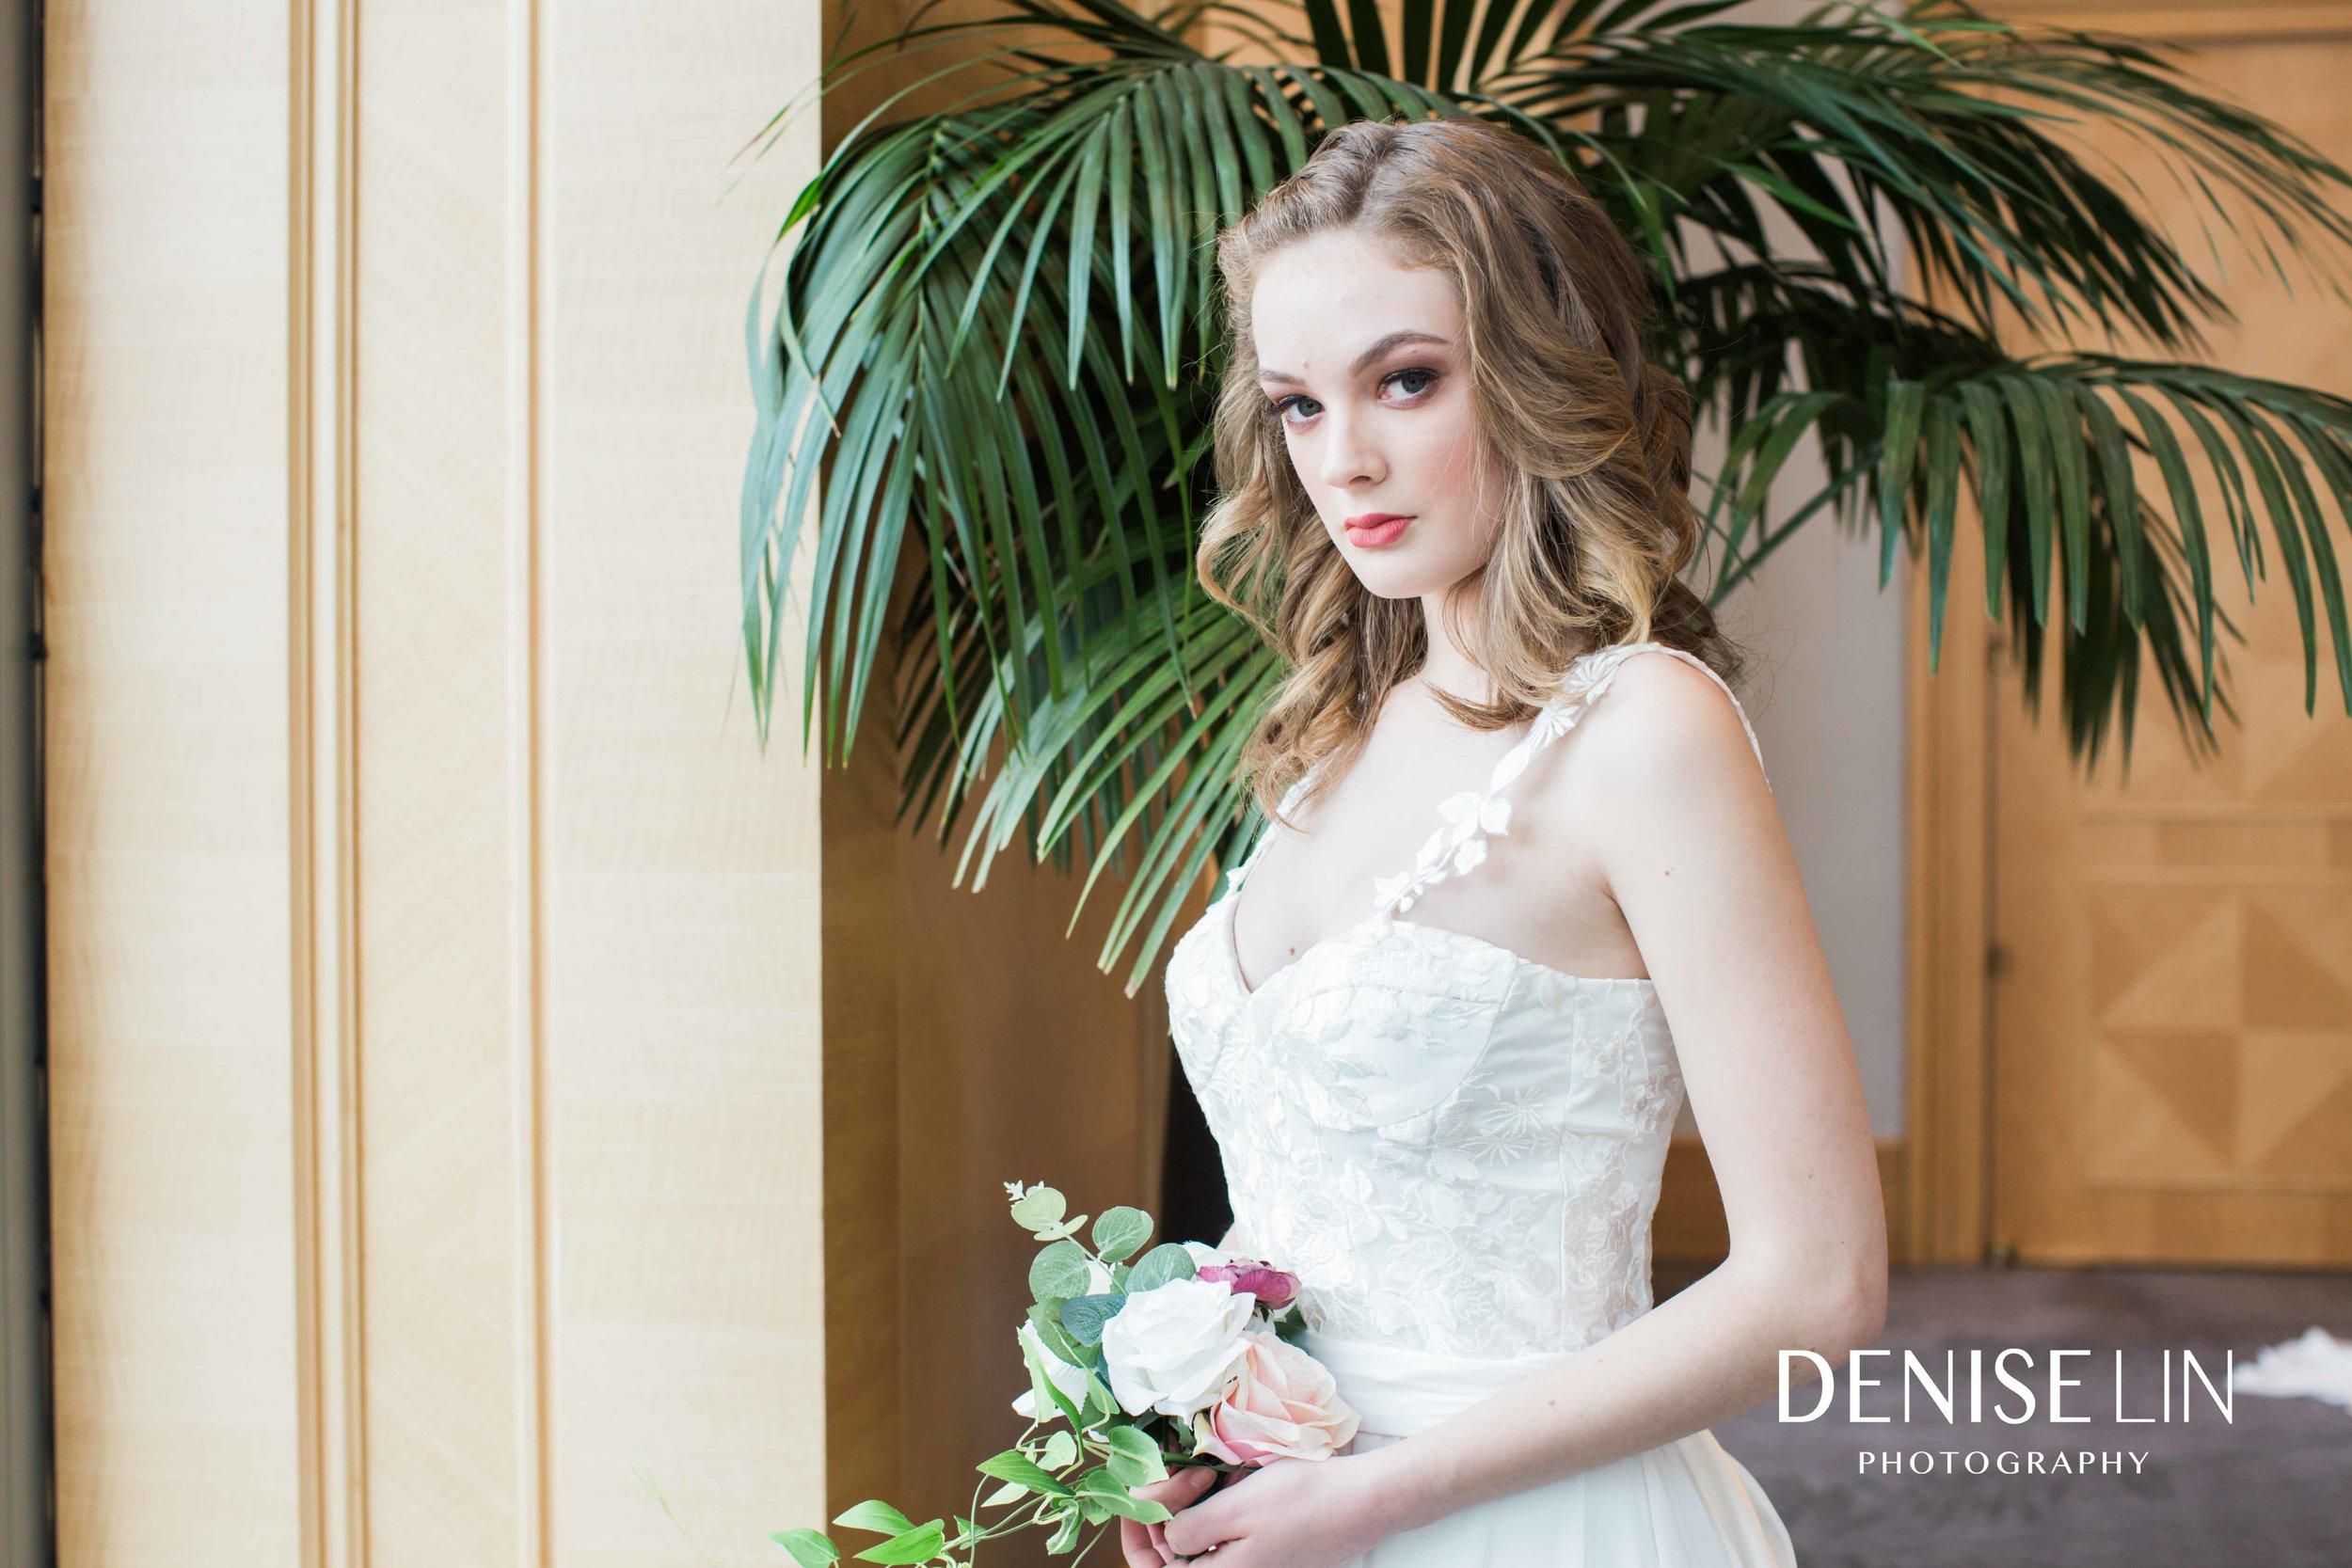 BridalFashionPromo-DeniseLinPhotography-39logo.jpg